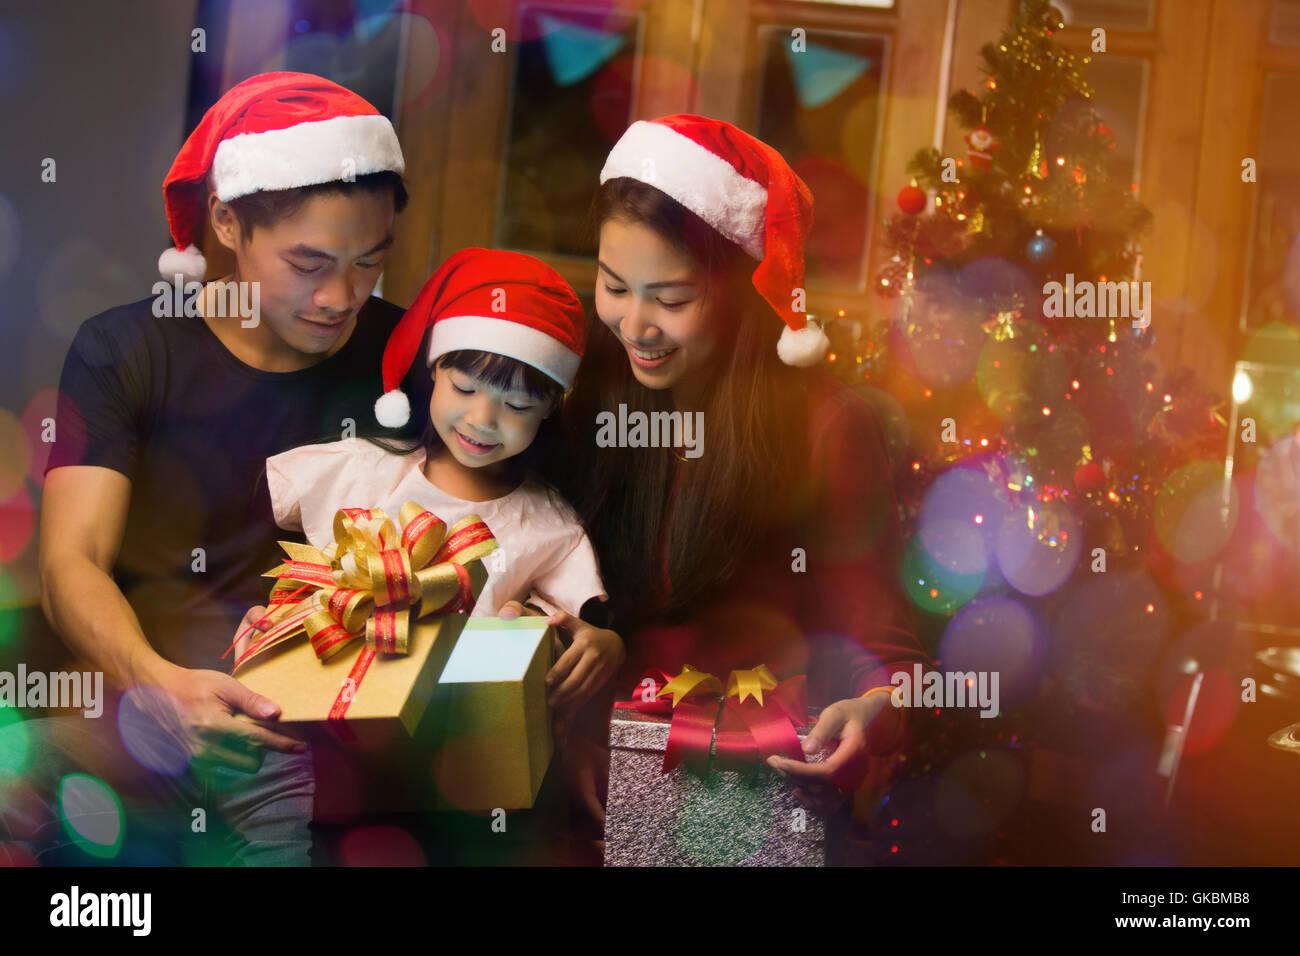 Asiatischen Familie Öffnen einer Geschenkbox am Weihnachtstag ...